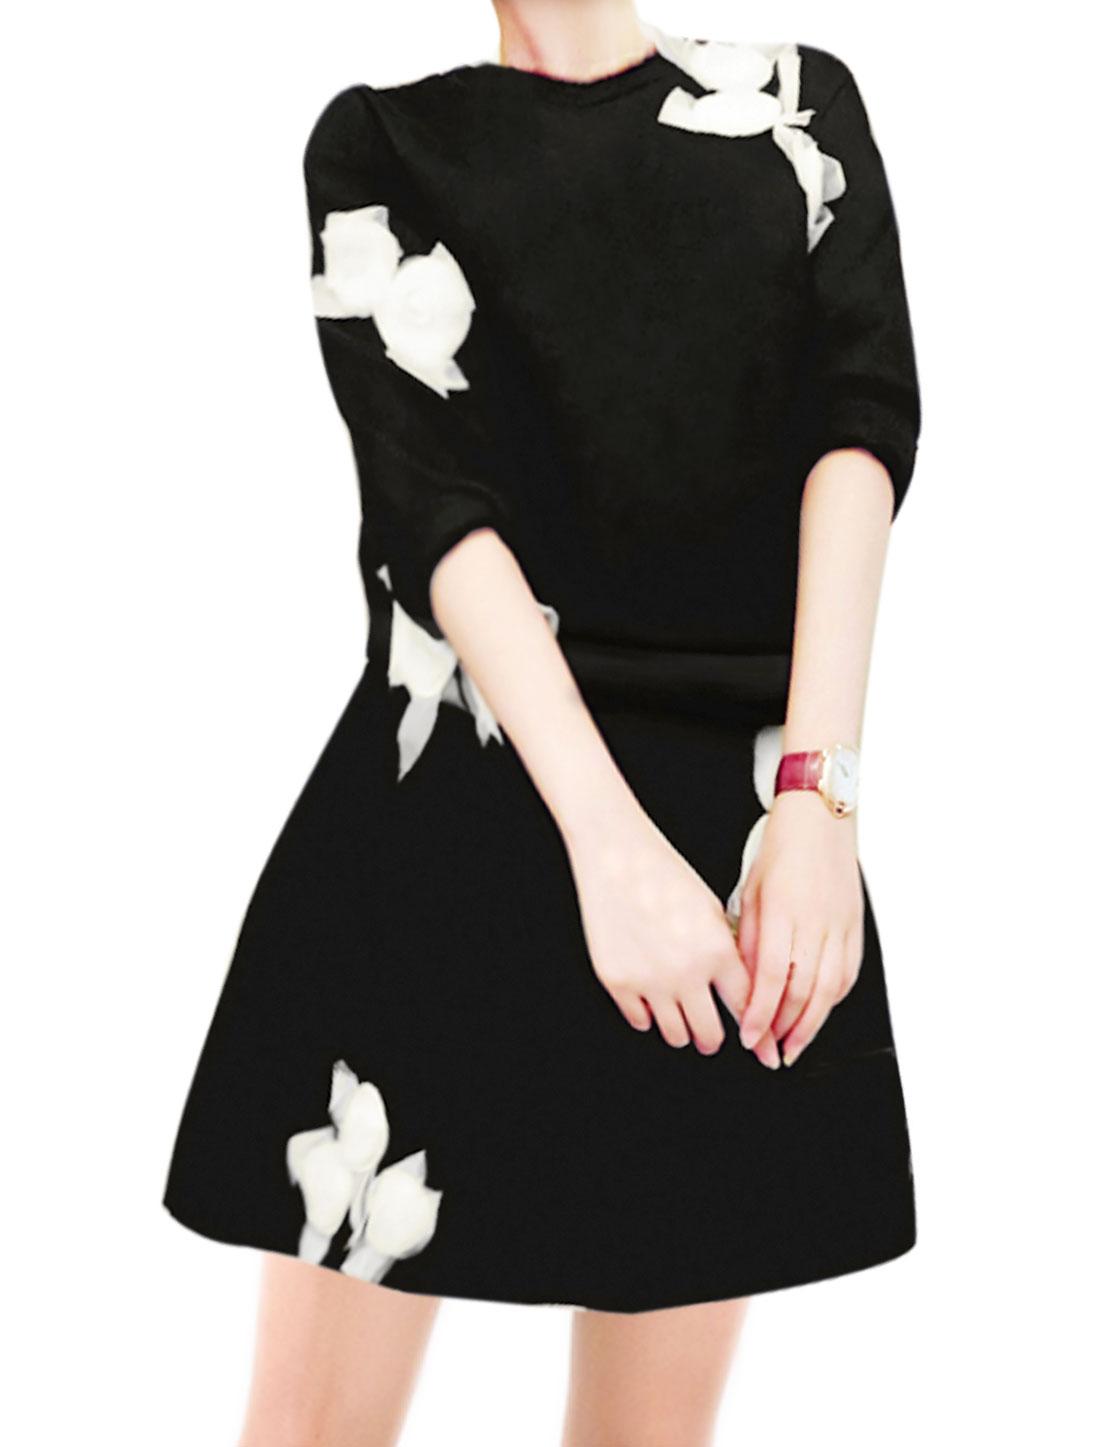 Women Crew Neck Mesh Flower Decor Sweatshirt w High Waist A Line Skirt Black S